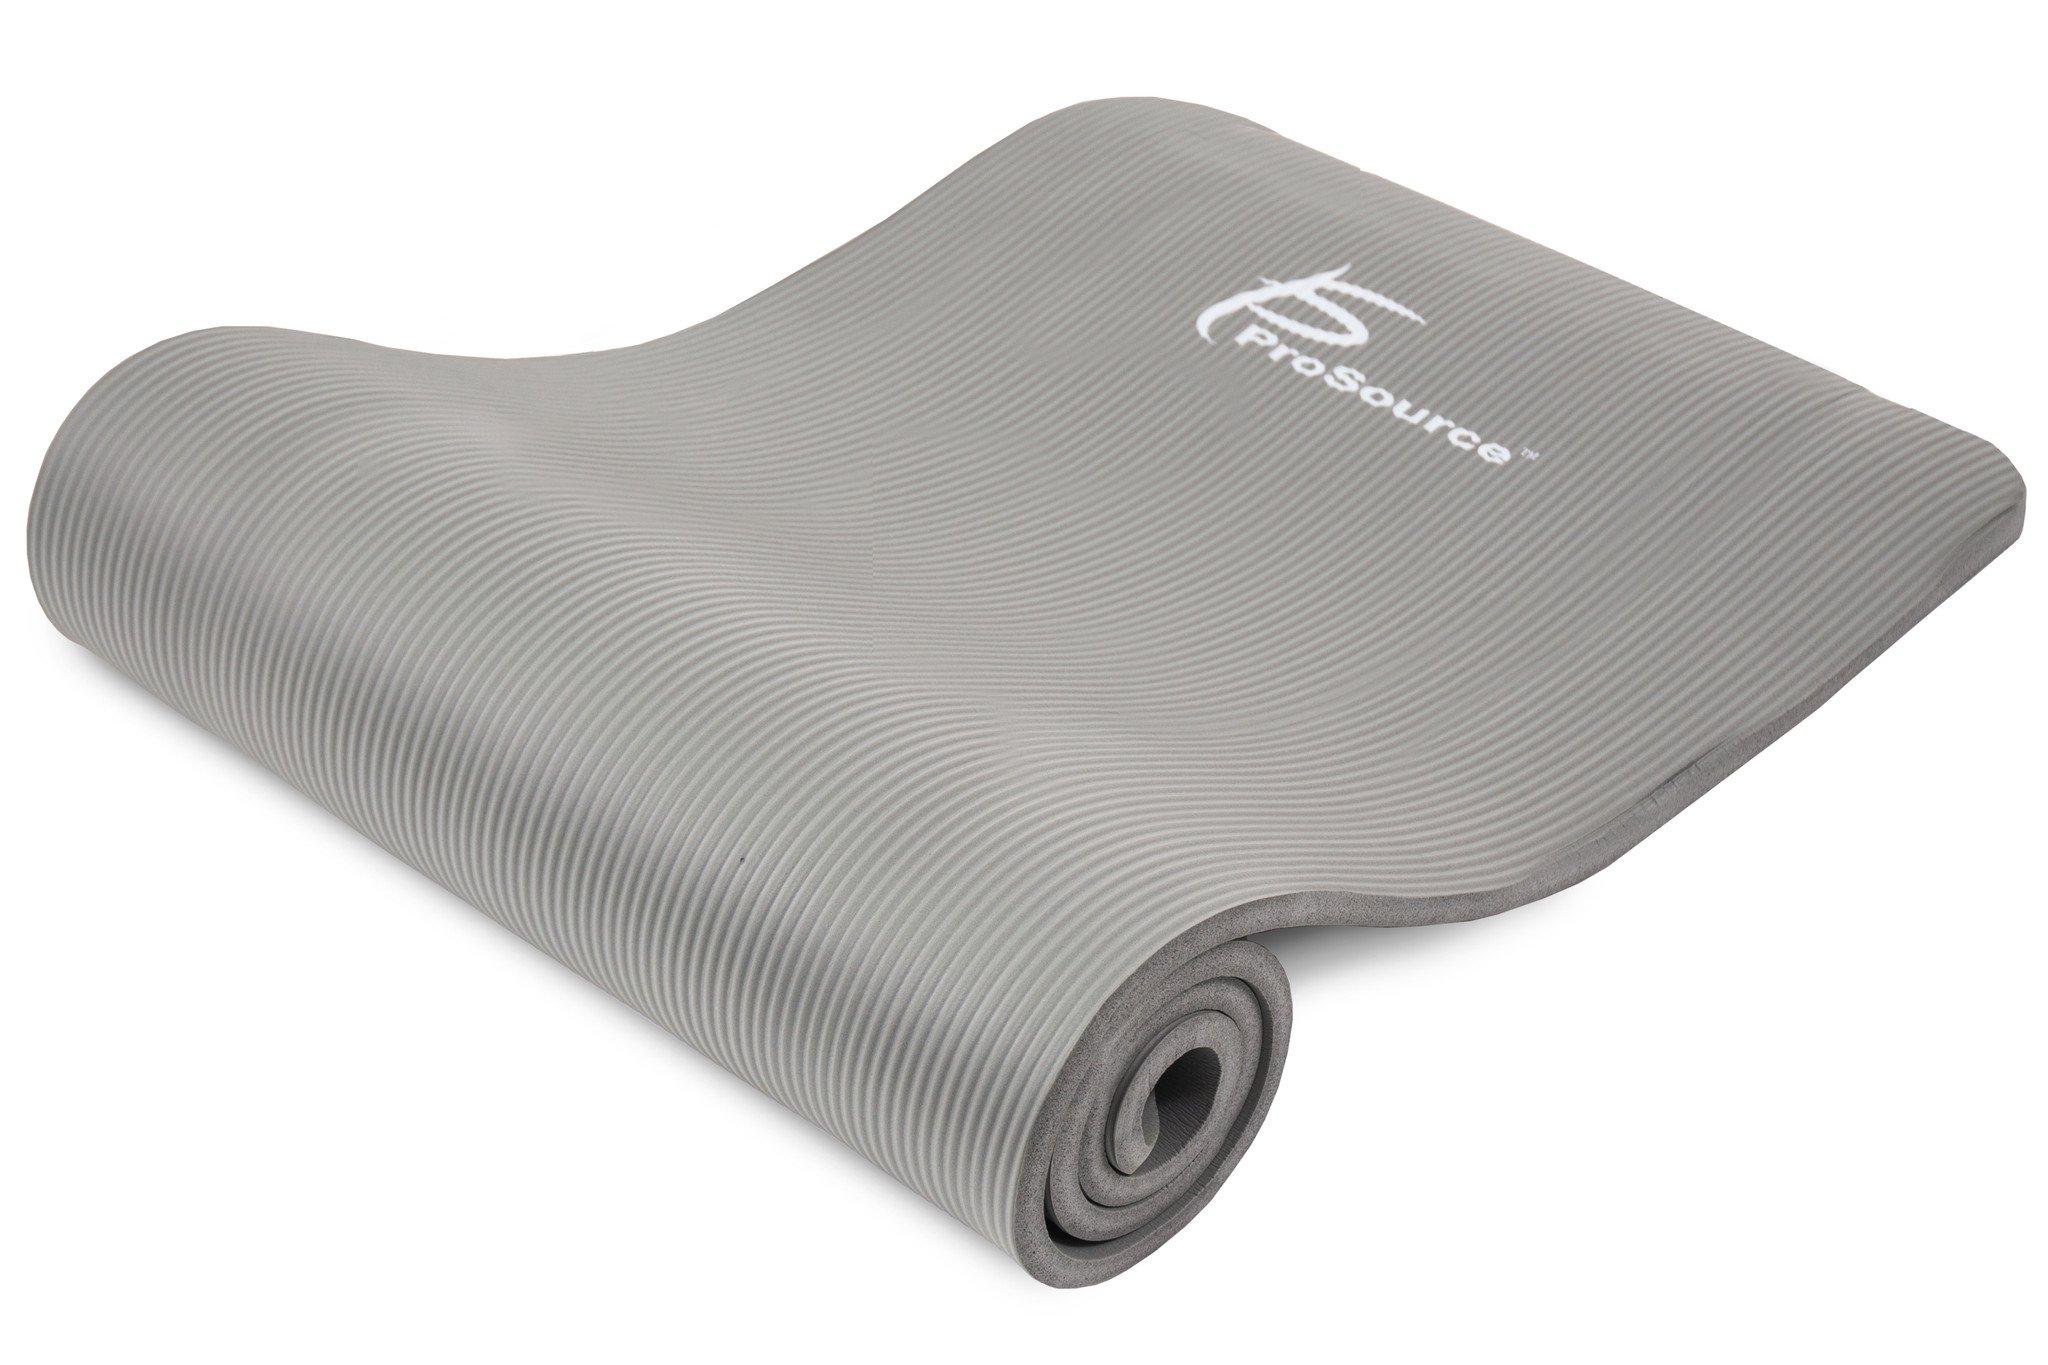 Коврики: Коврик Prosource Extra Thick Yoga Pilates Grey